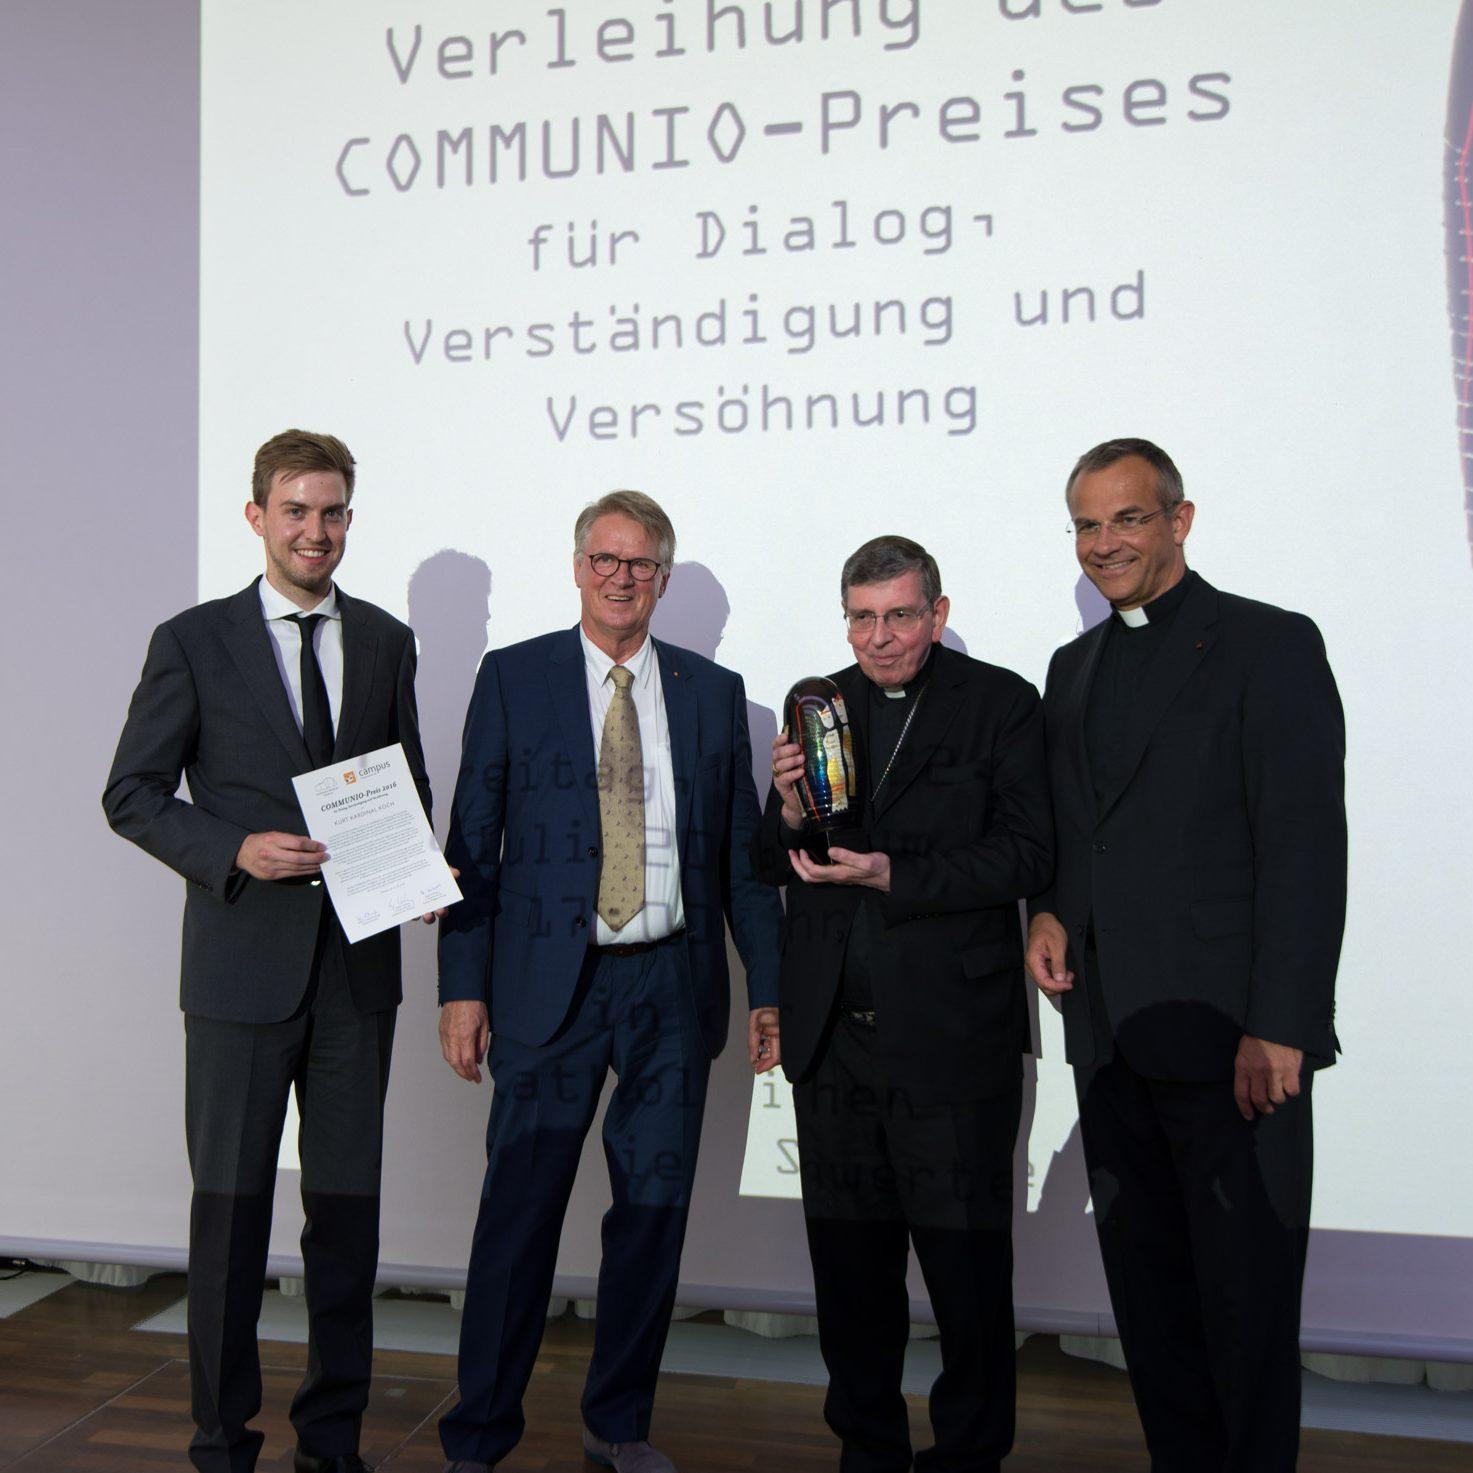 COMMUNIO-Preis für Kurt Kardinal Koch